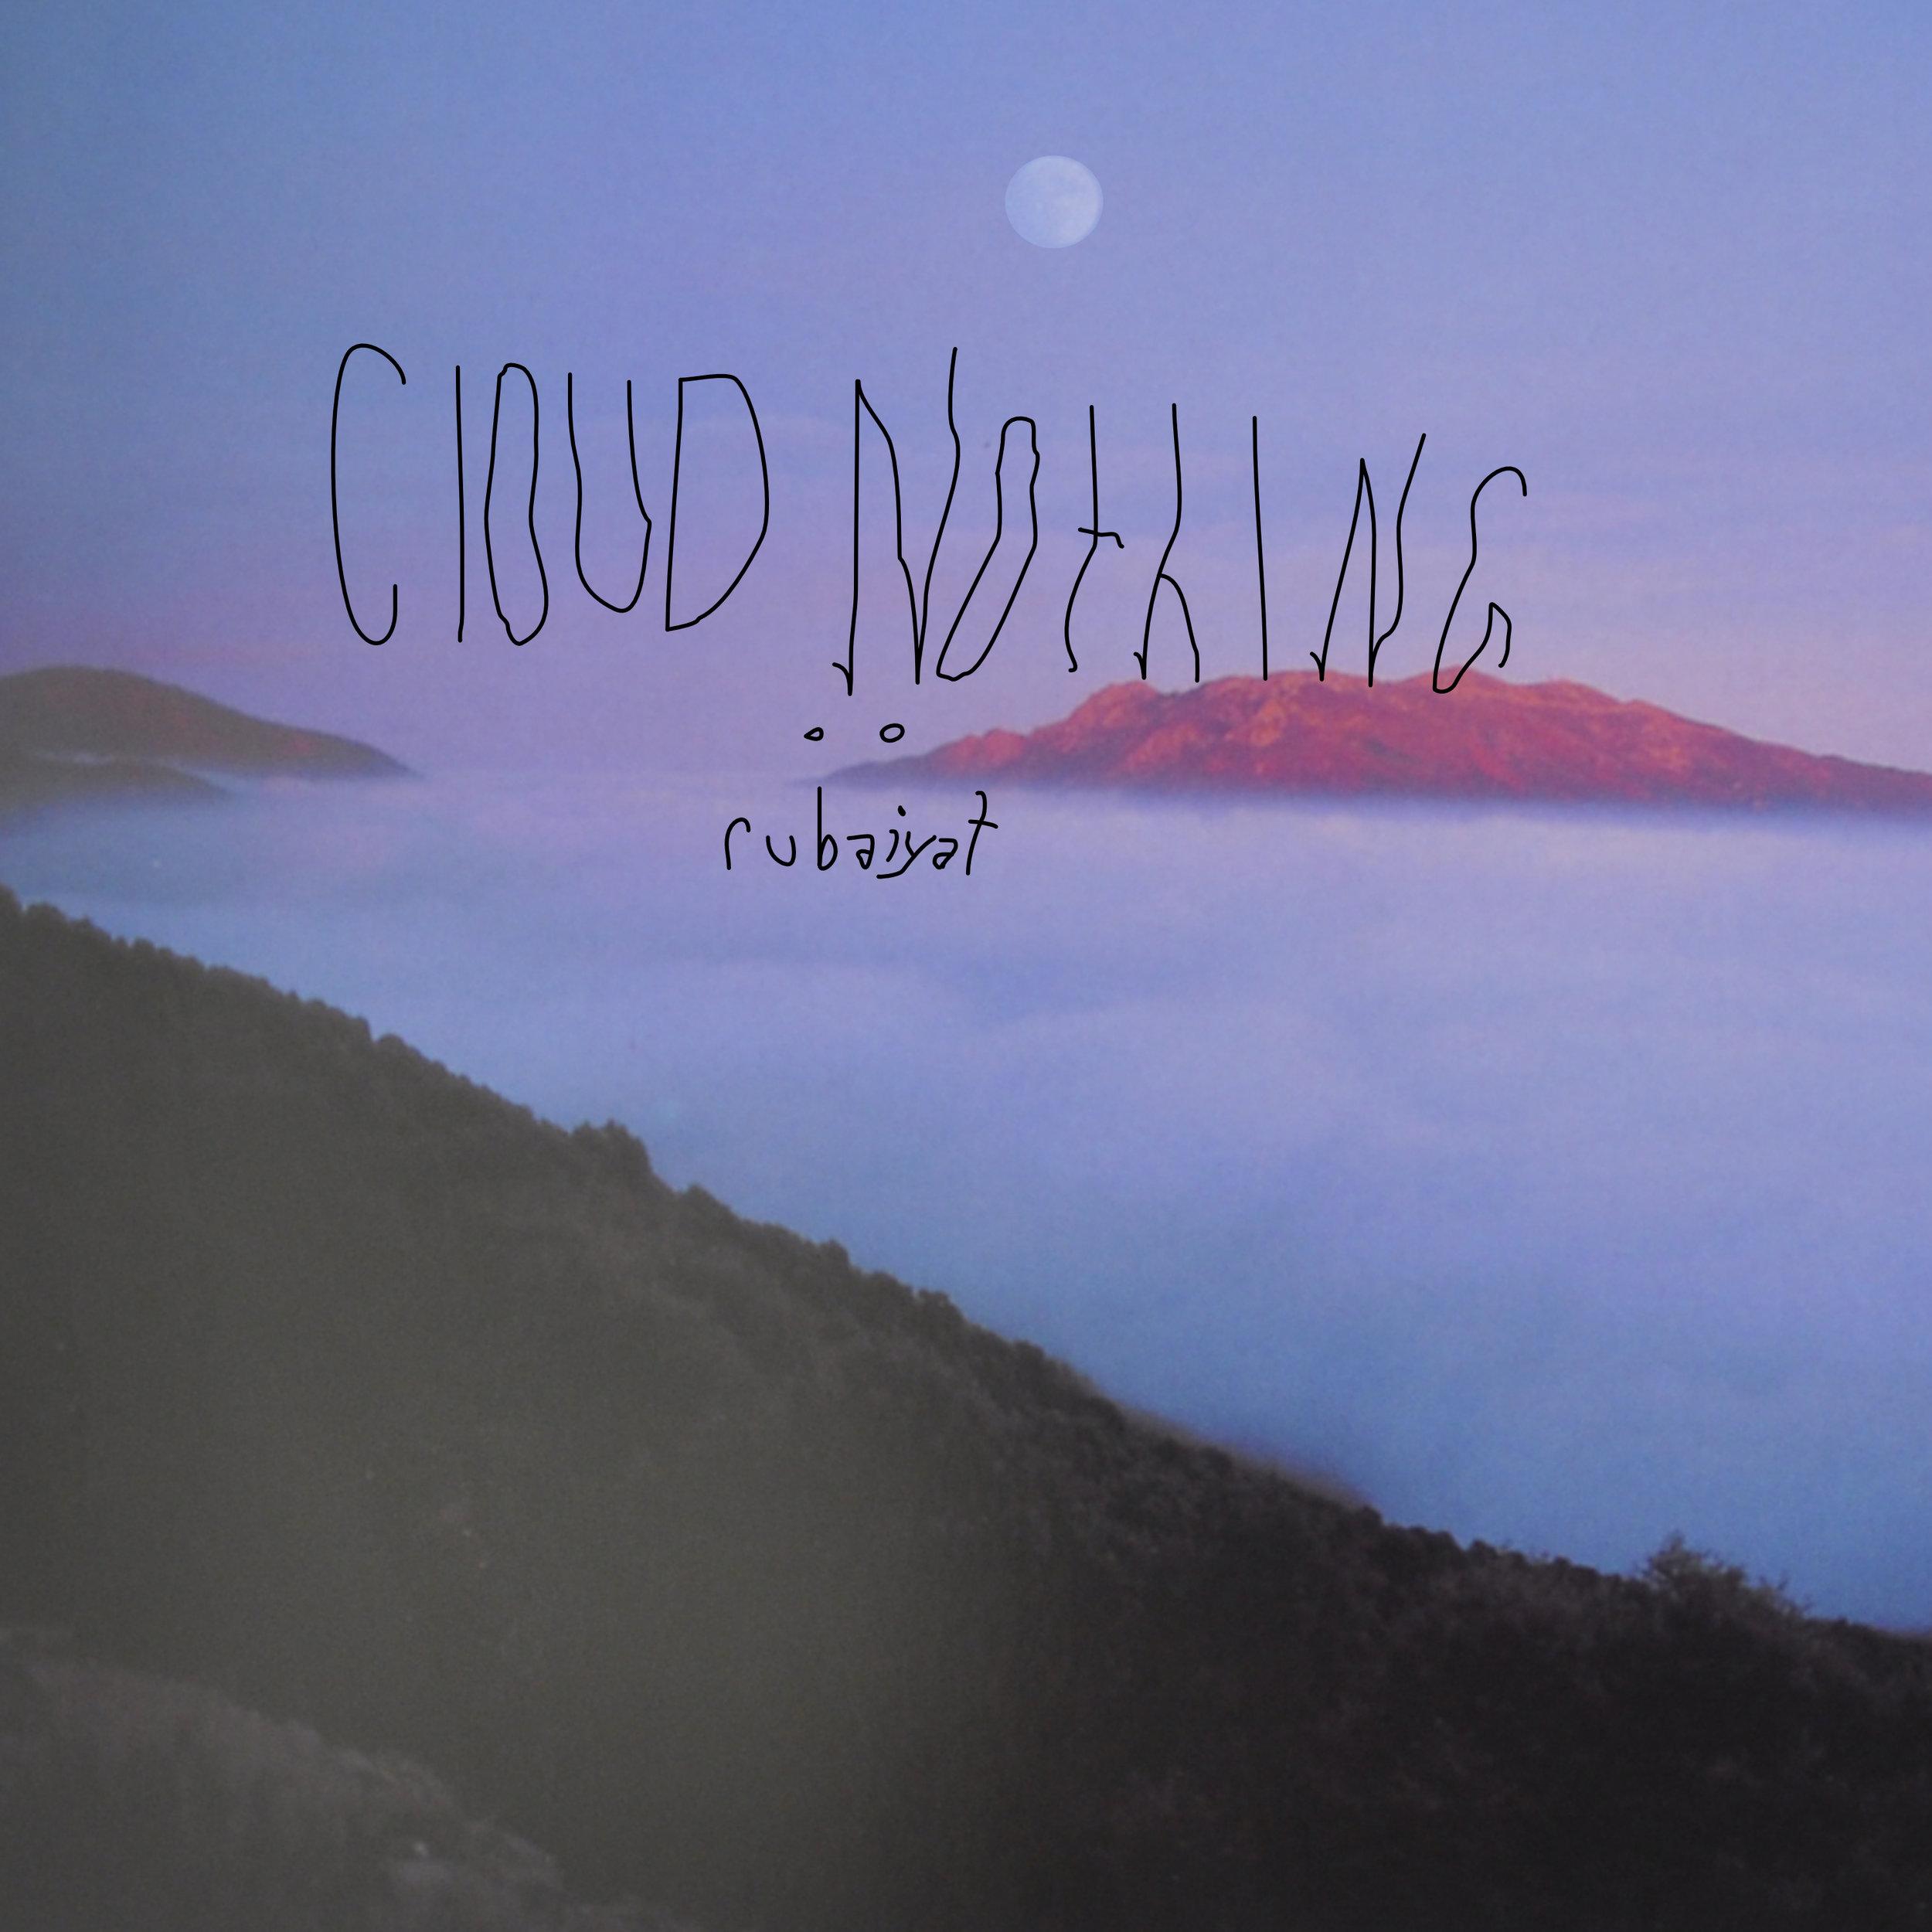 Cloud Nothing Take II.jpg